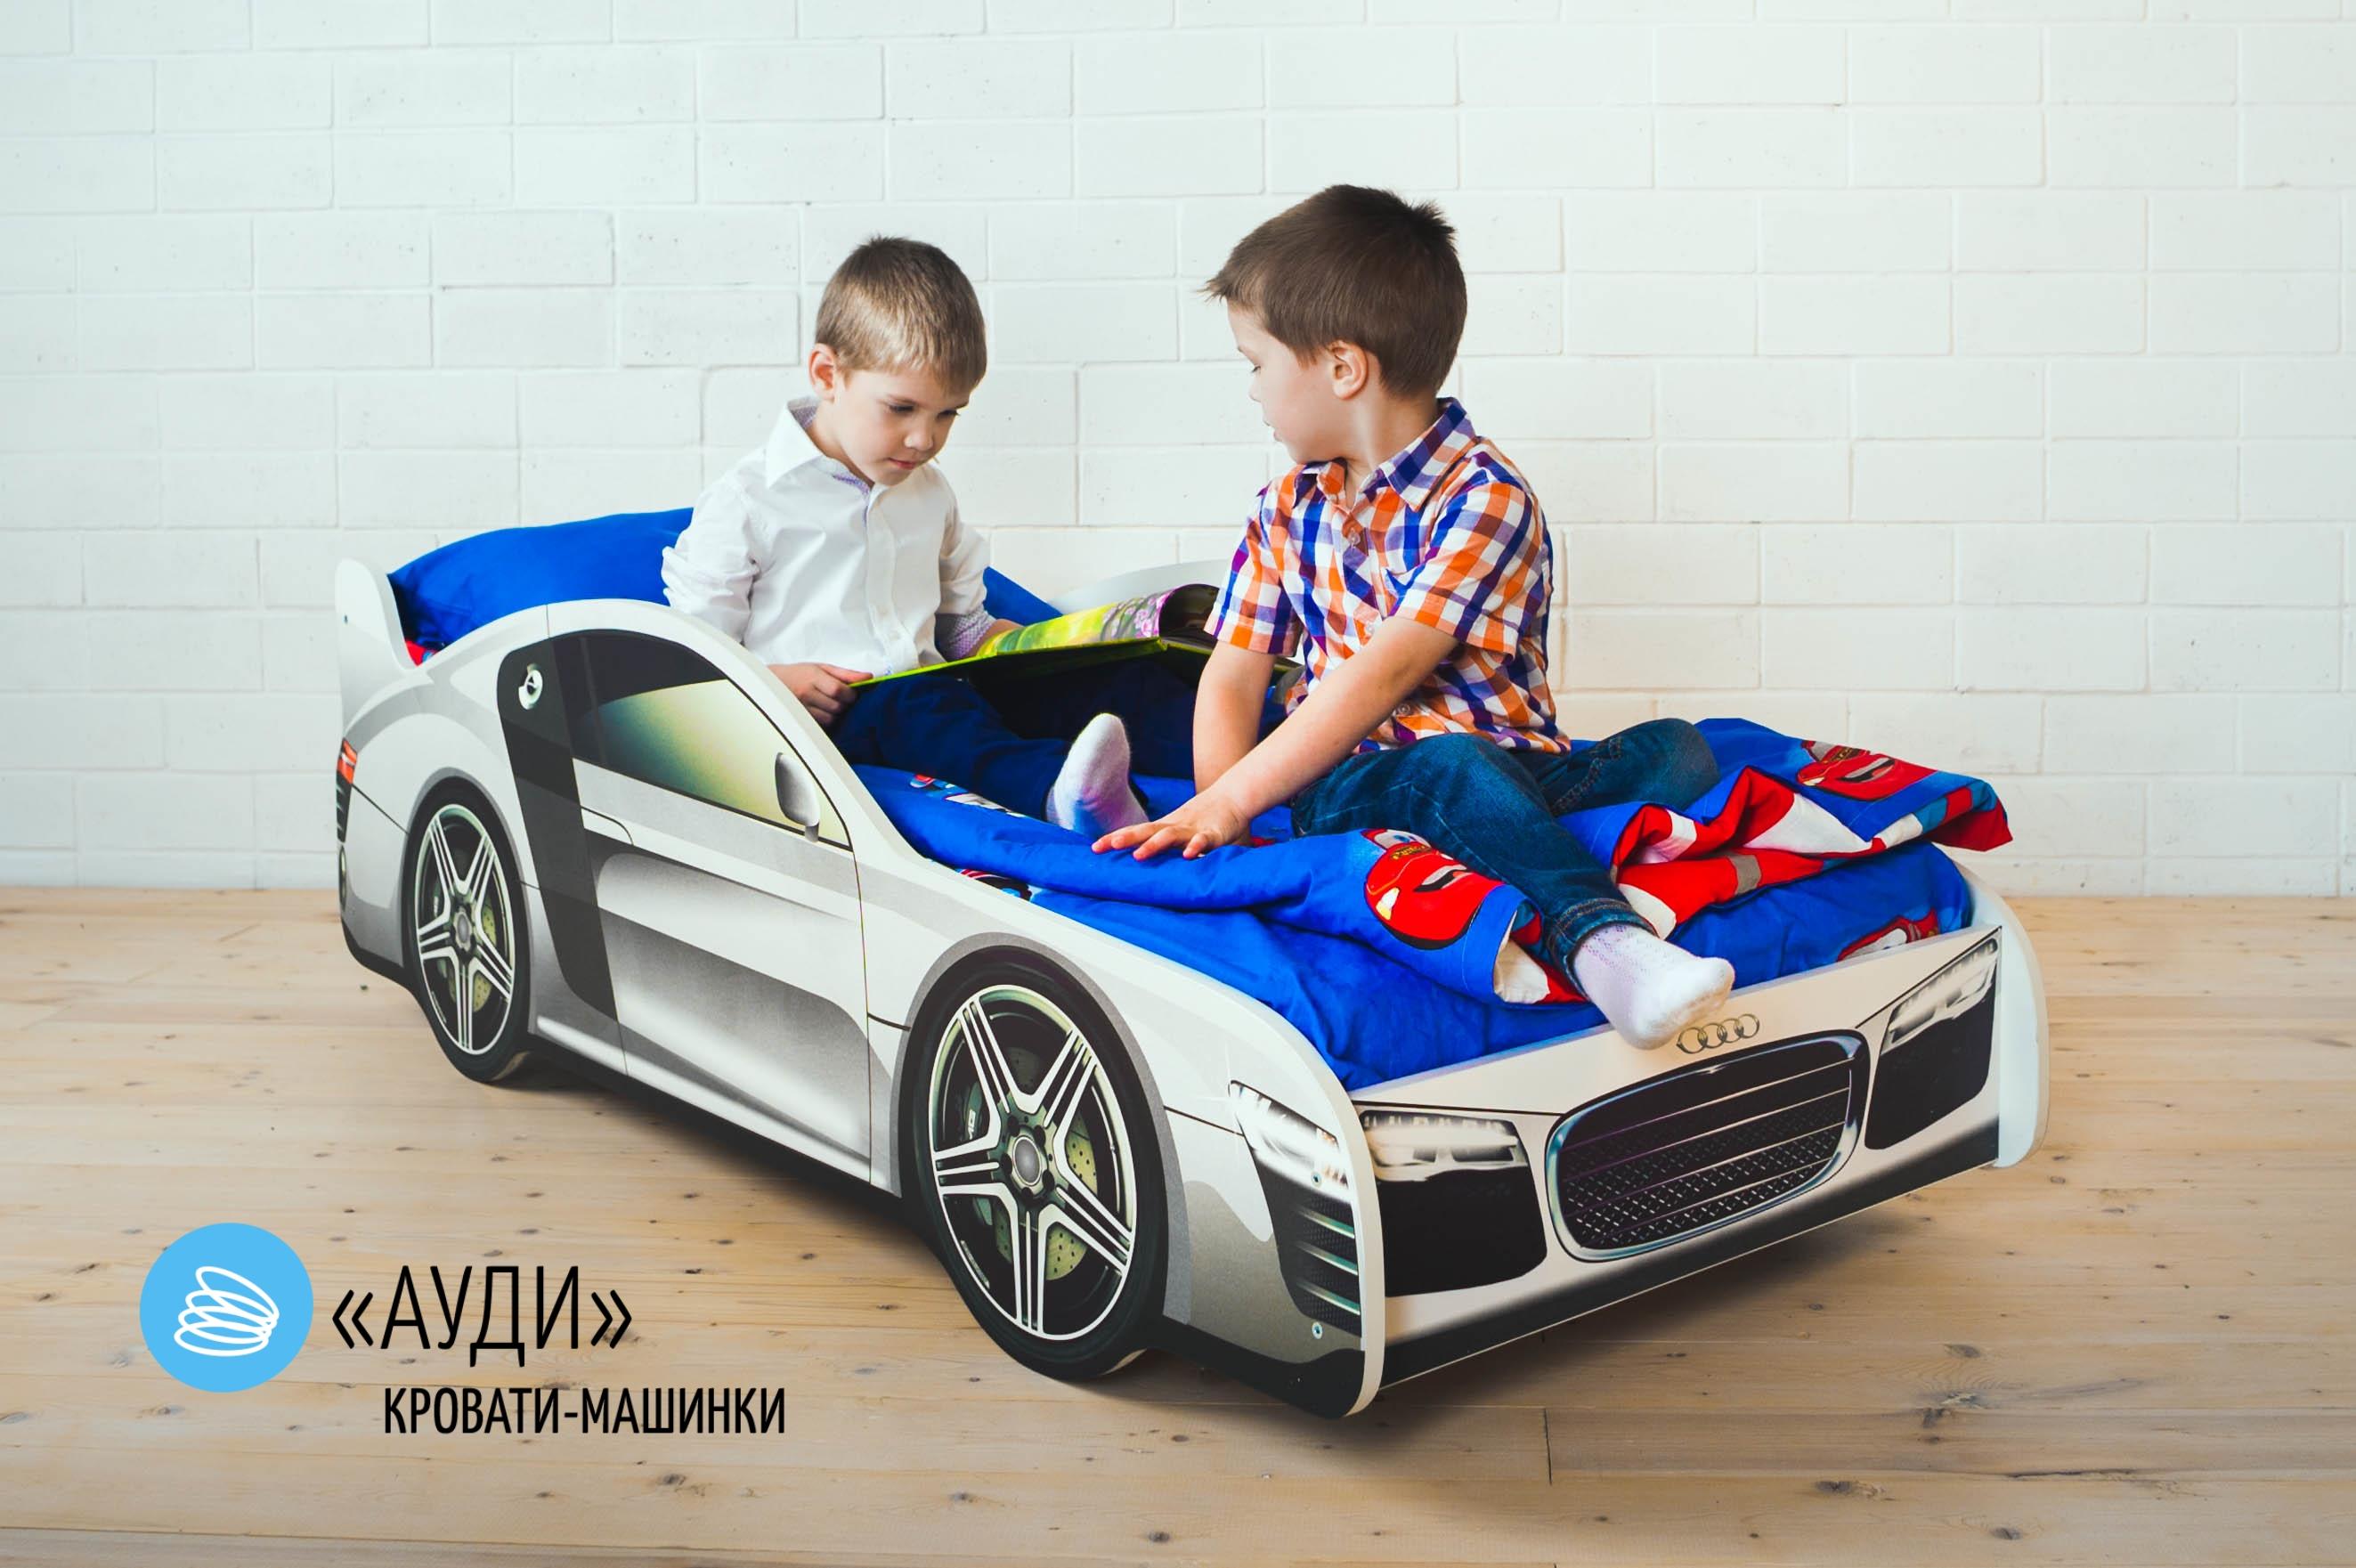 Детская кровать-машина -Ауди-4